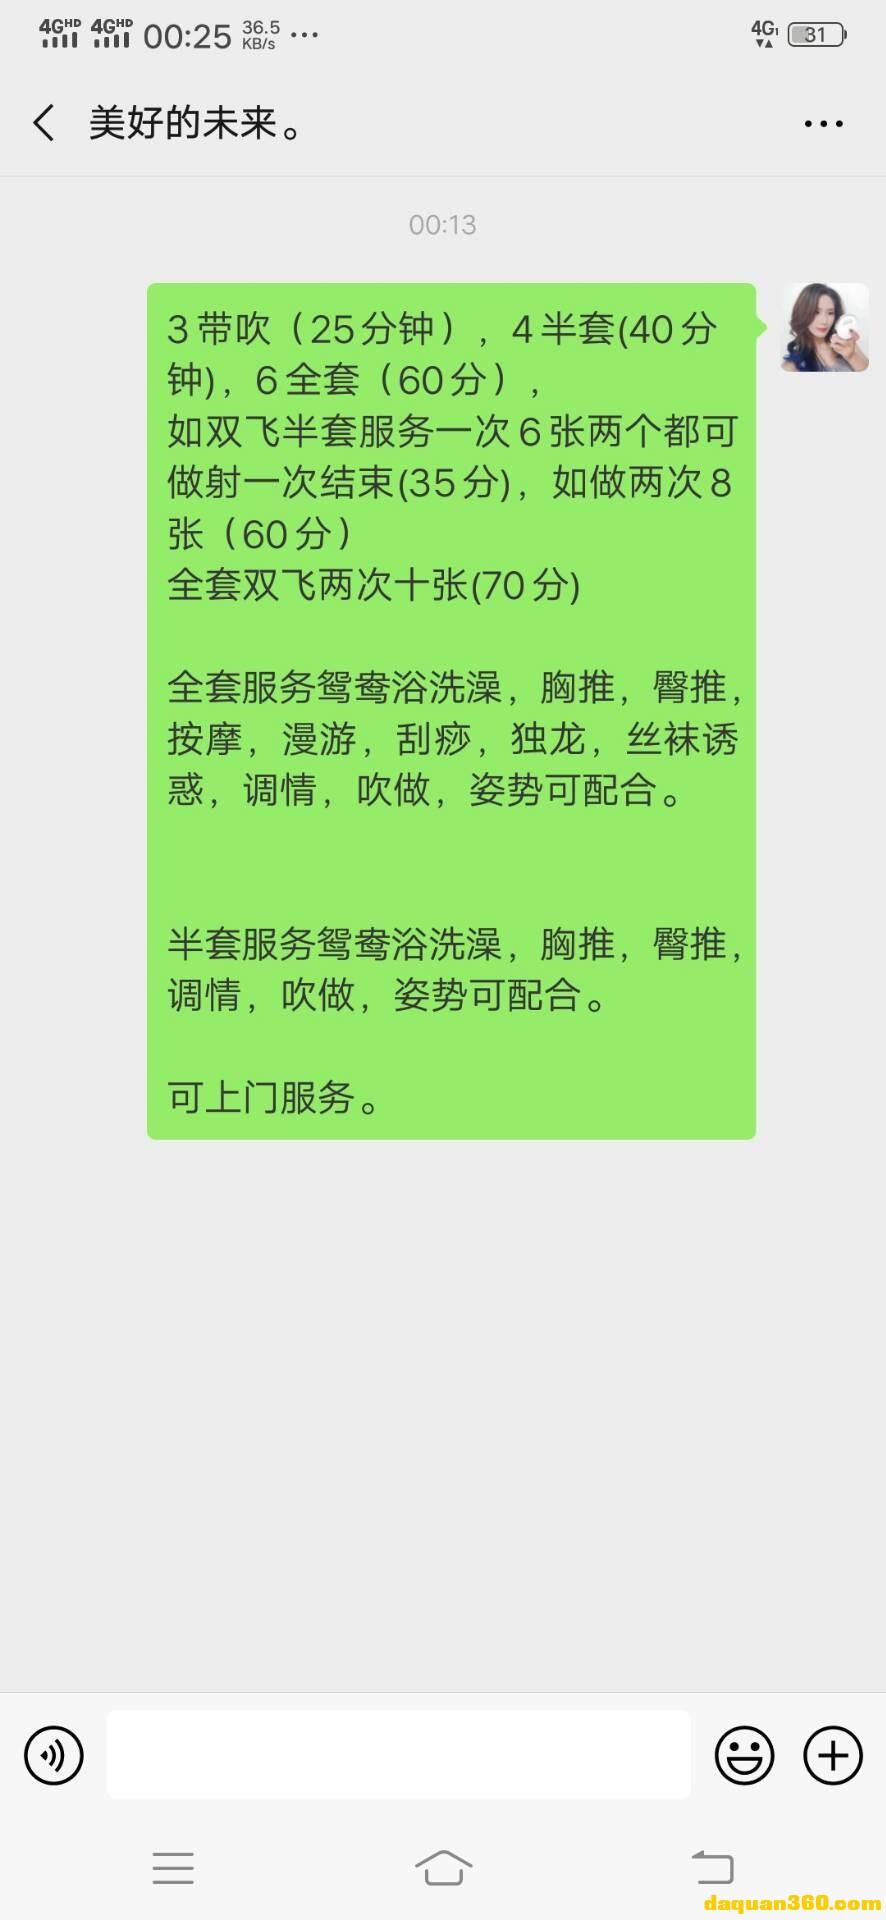 [金华]【2019年06月】义乌市区适合泻火-1.jpg